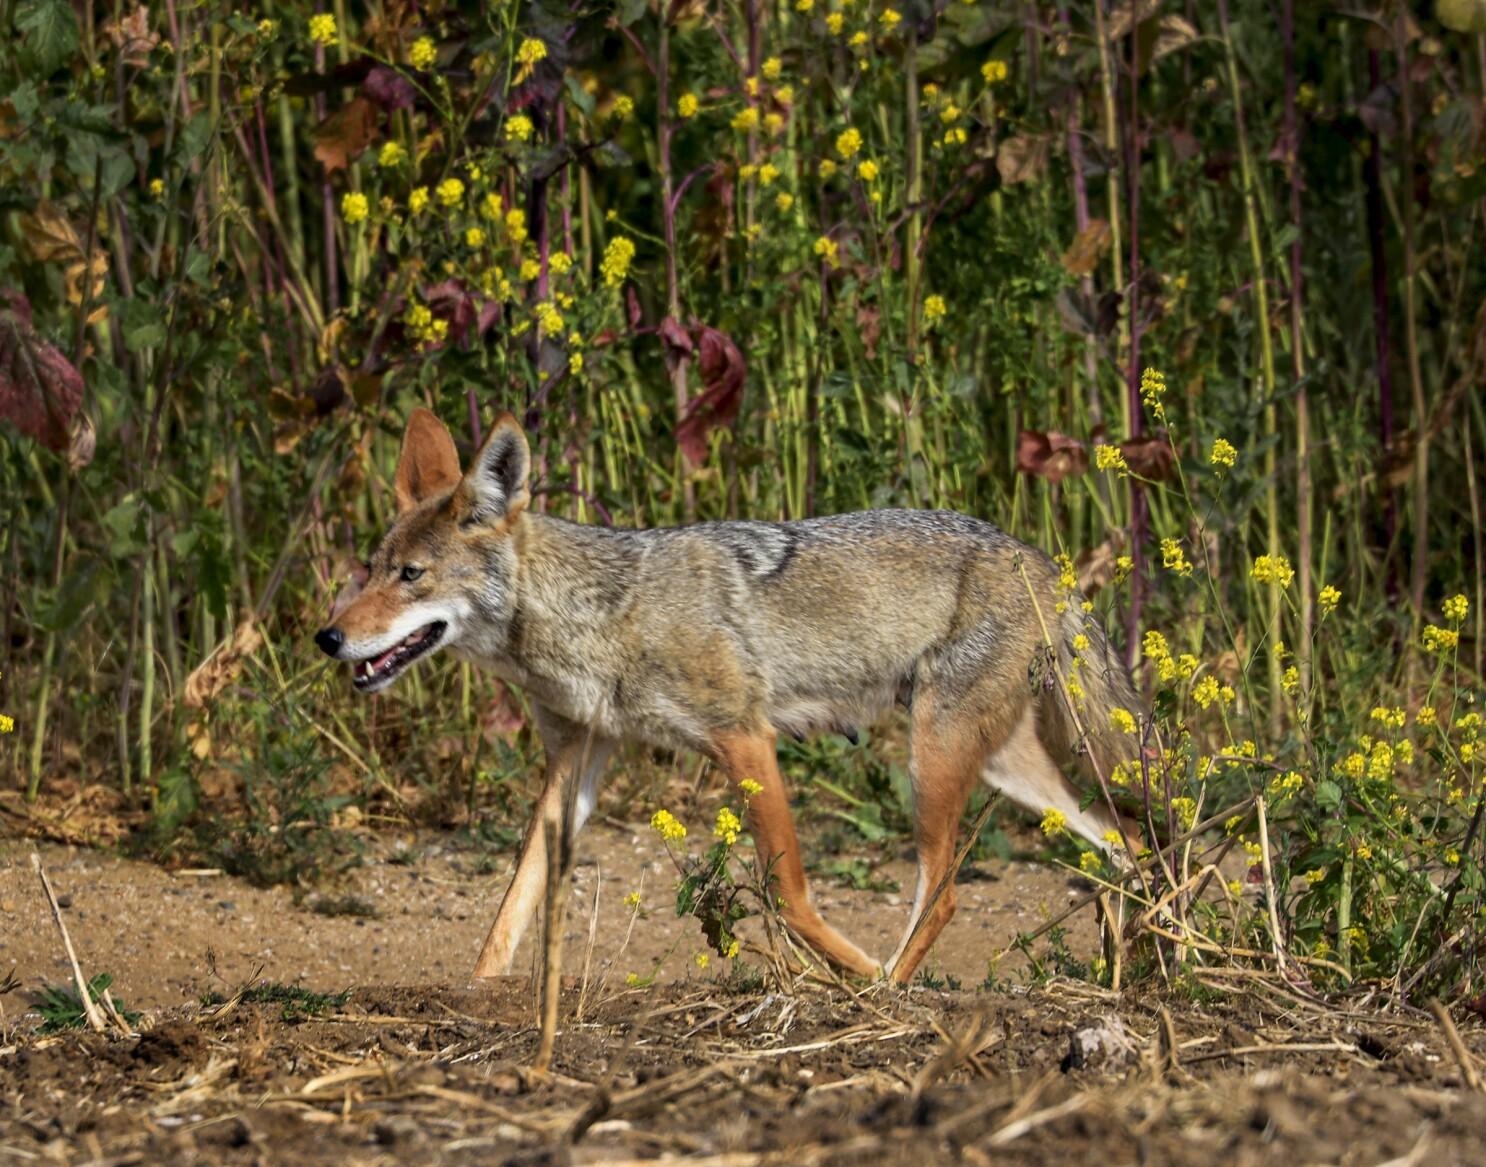 Coyote enters house through doggie door, killing pet in 'unprecedented' attack - Los Angeles Times